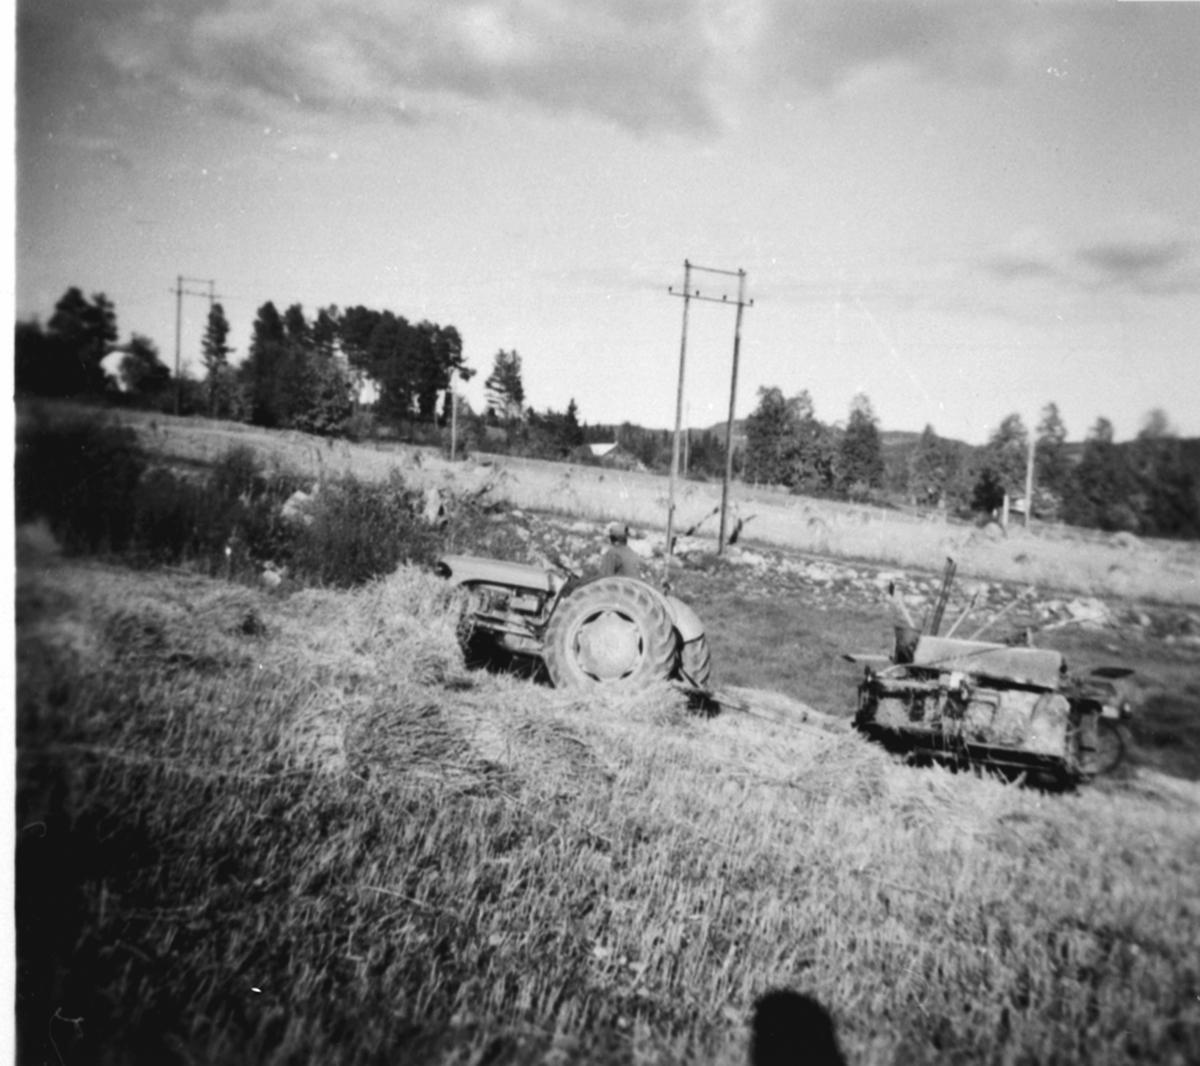 Skuronn på Skavlien, Ringsaker. Mann på Fordson traktor med selvbinder.